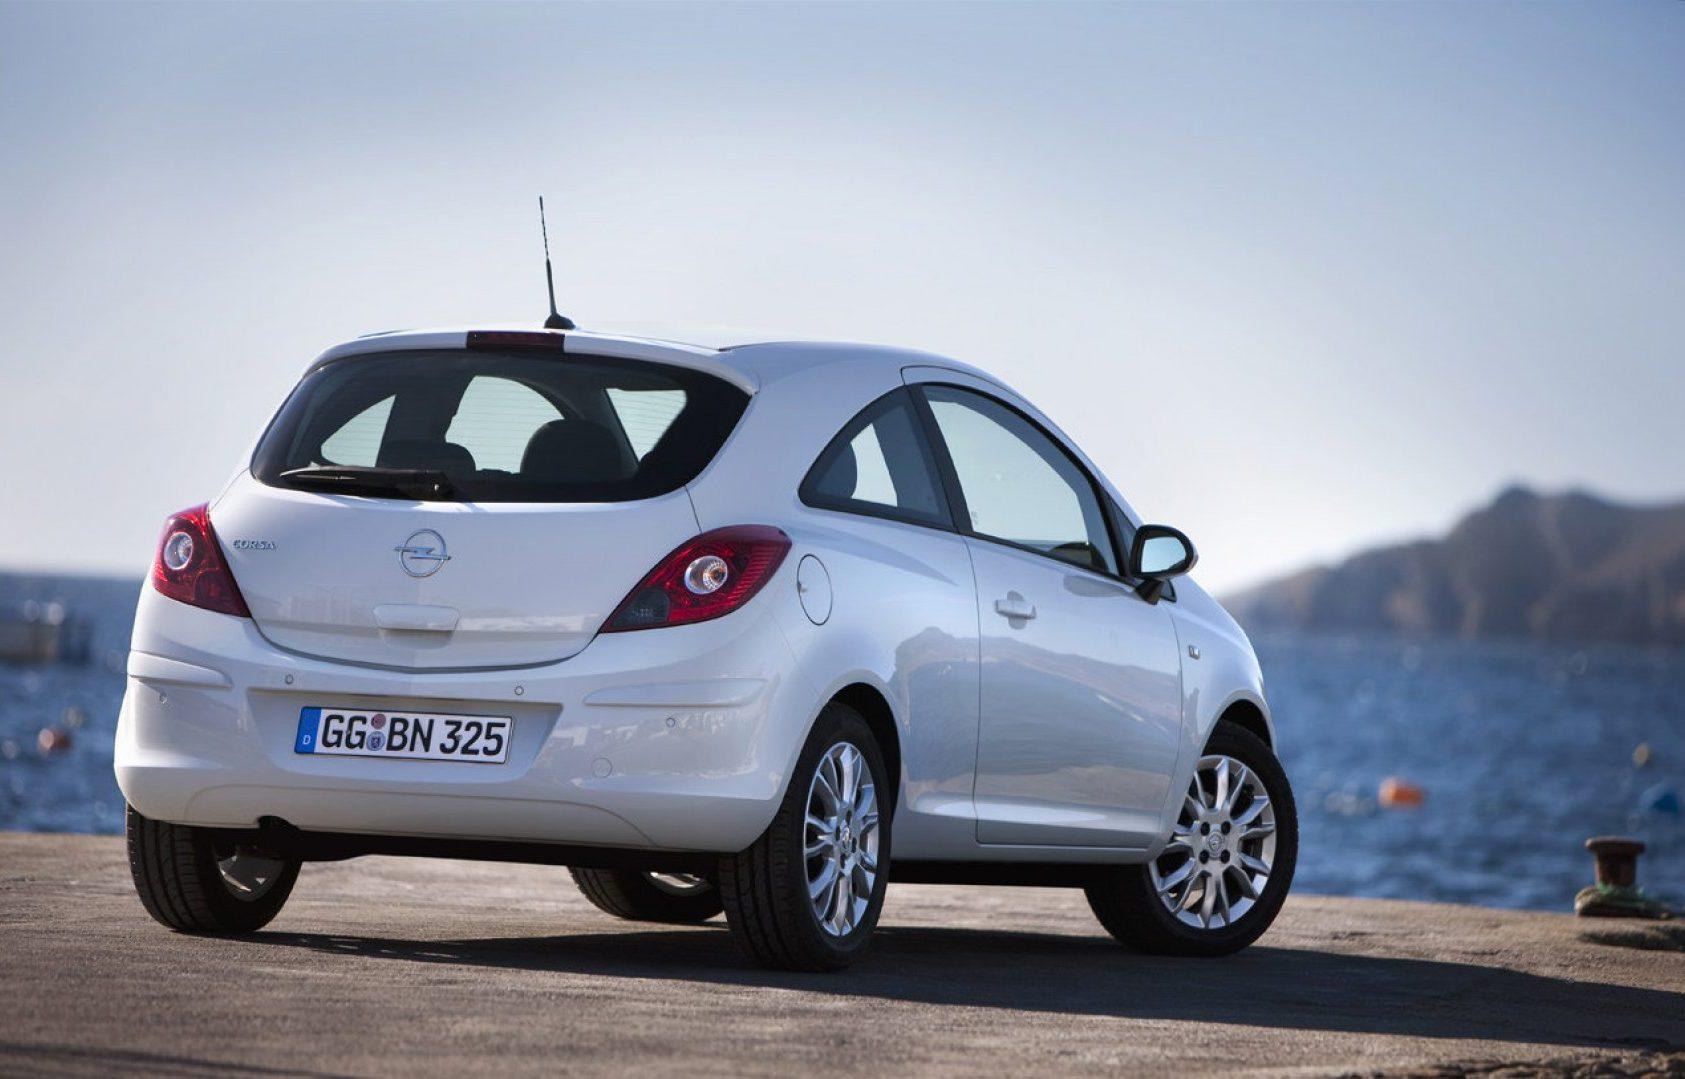 Auto più lente Opel Corsa 1.0